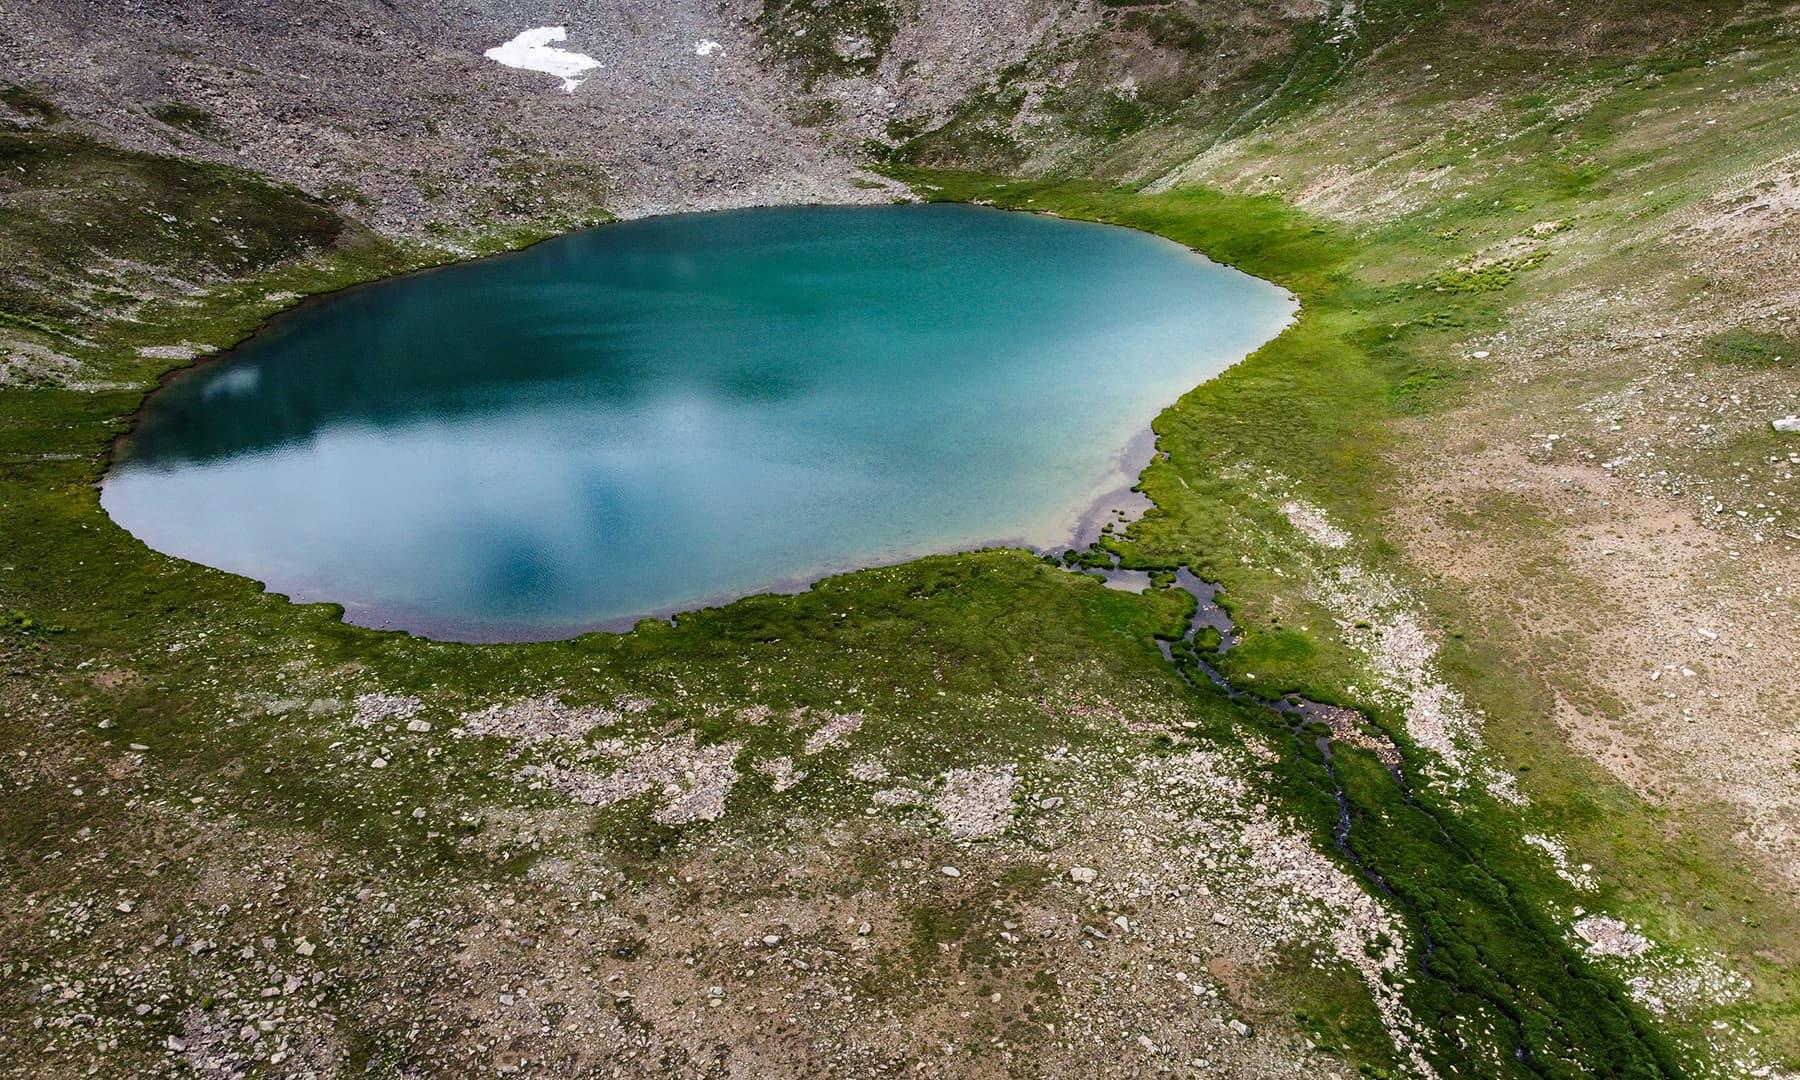 جھیل 14 ہزار فٹ کی بلندی پر واقع ہے